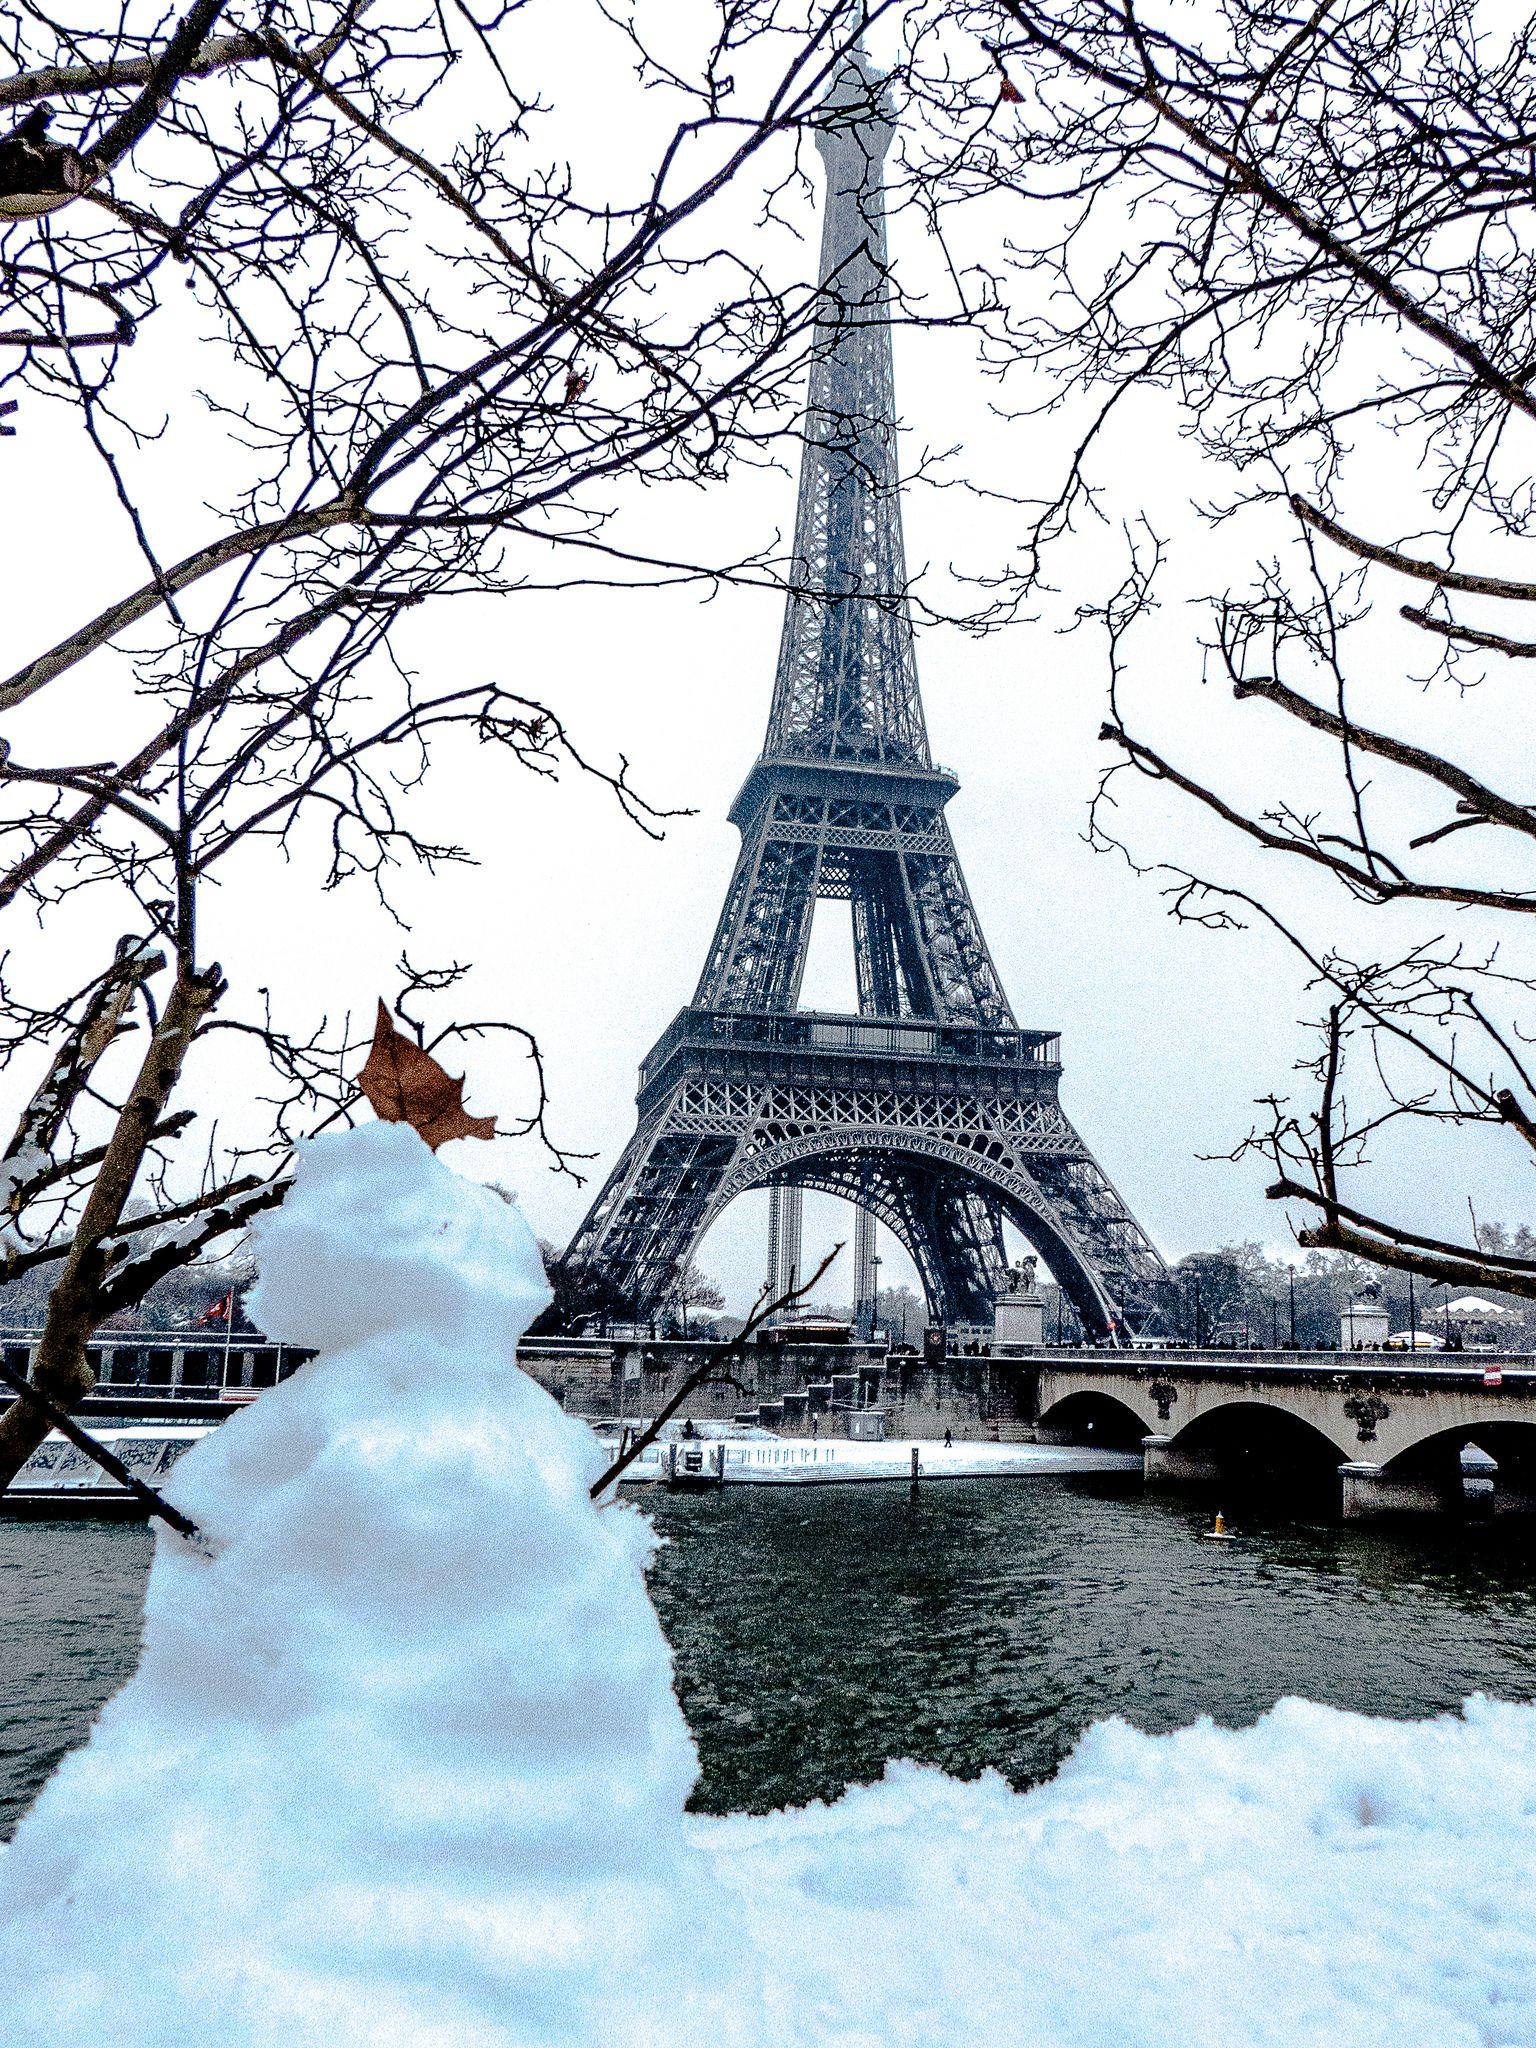 Il neige sur Paris 20 janvier 2013 Tour eiffel, Viva